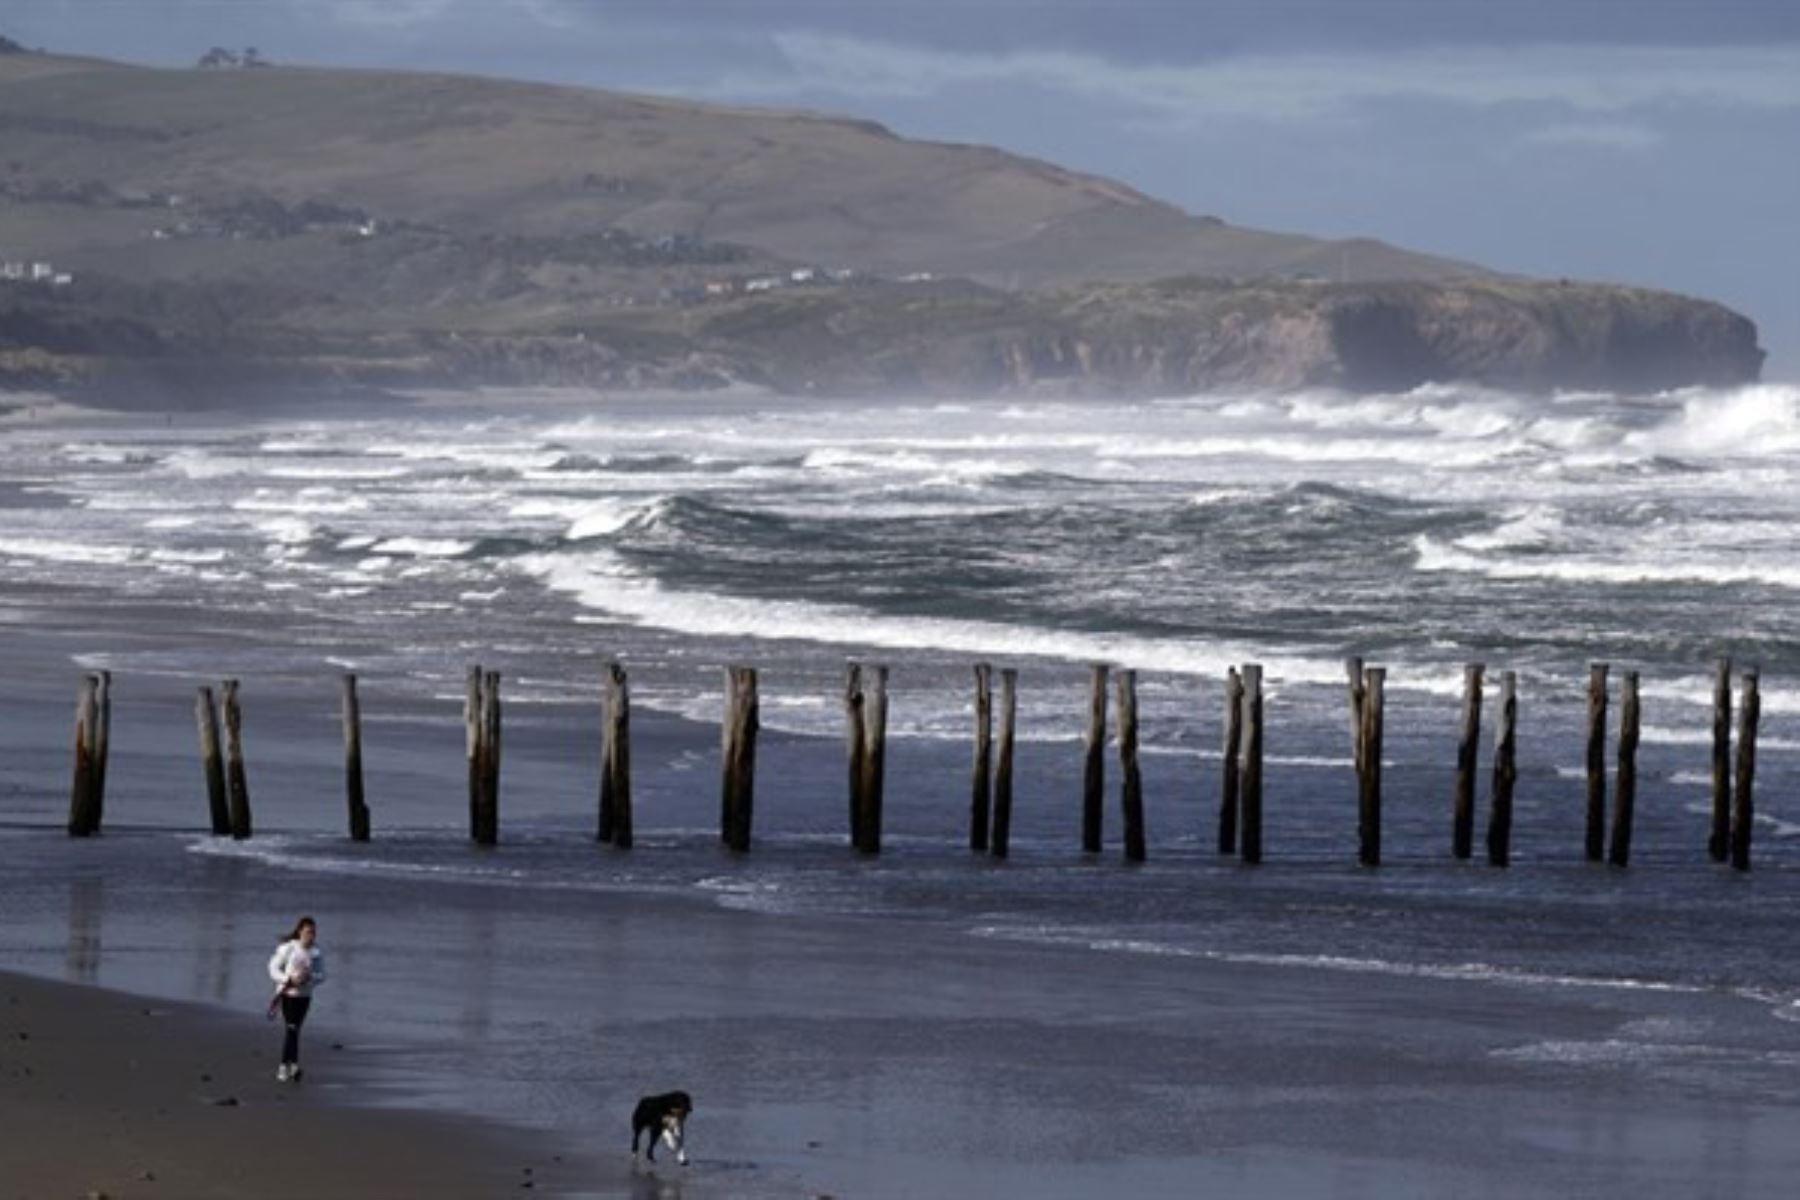 El jefe del Centro Nacional de Alerta de Tsunami de la Dirección de Hidrografia y Navegación, Moacid Feraldo Freitas, explicó que el incremento de la onda marina no superará los 20 centímetros, y que será imperceptible para la población. Foto: Efe.